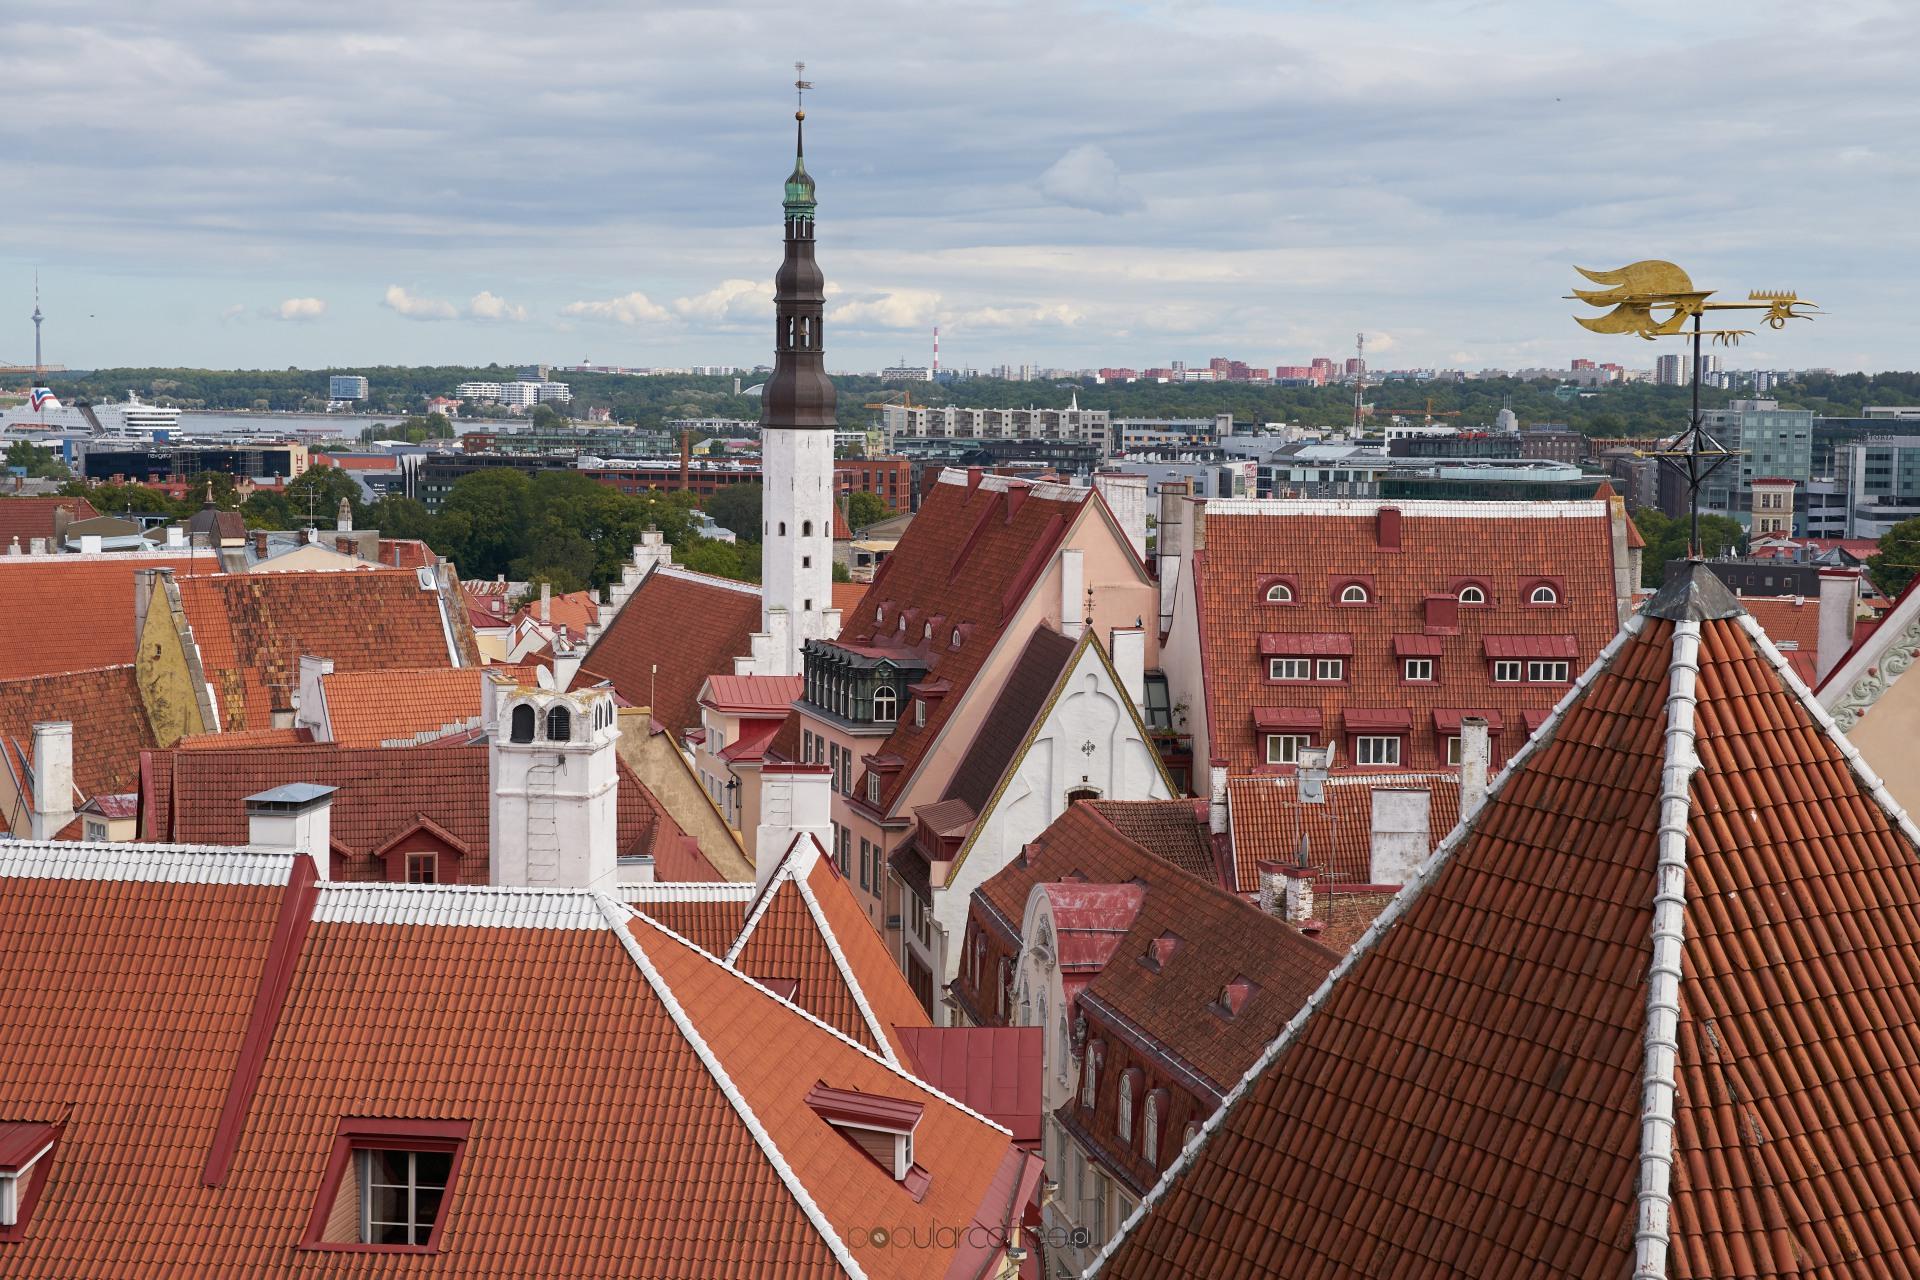 Nadbałtycka wyprawa – Wilno, Ryga i Tallin po 24 godziny.